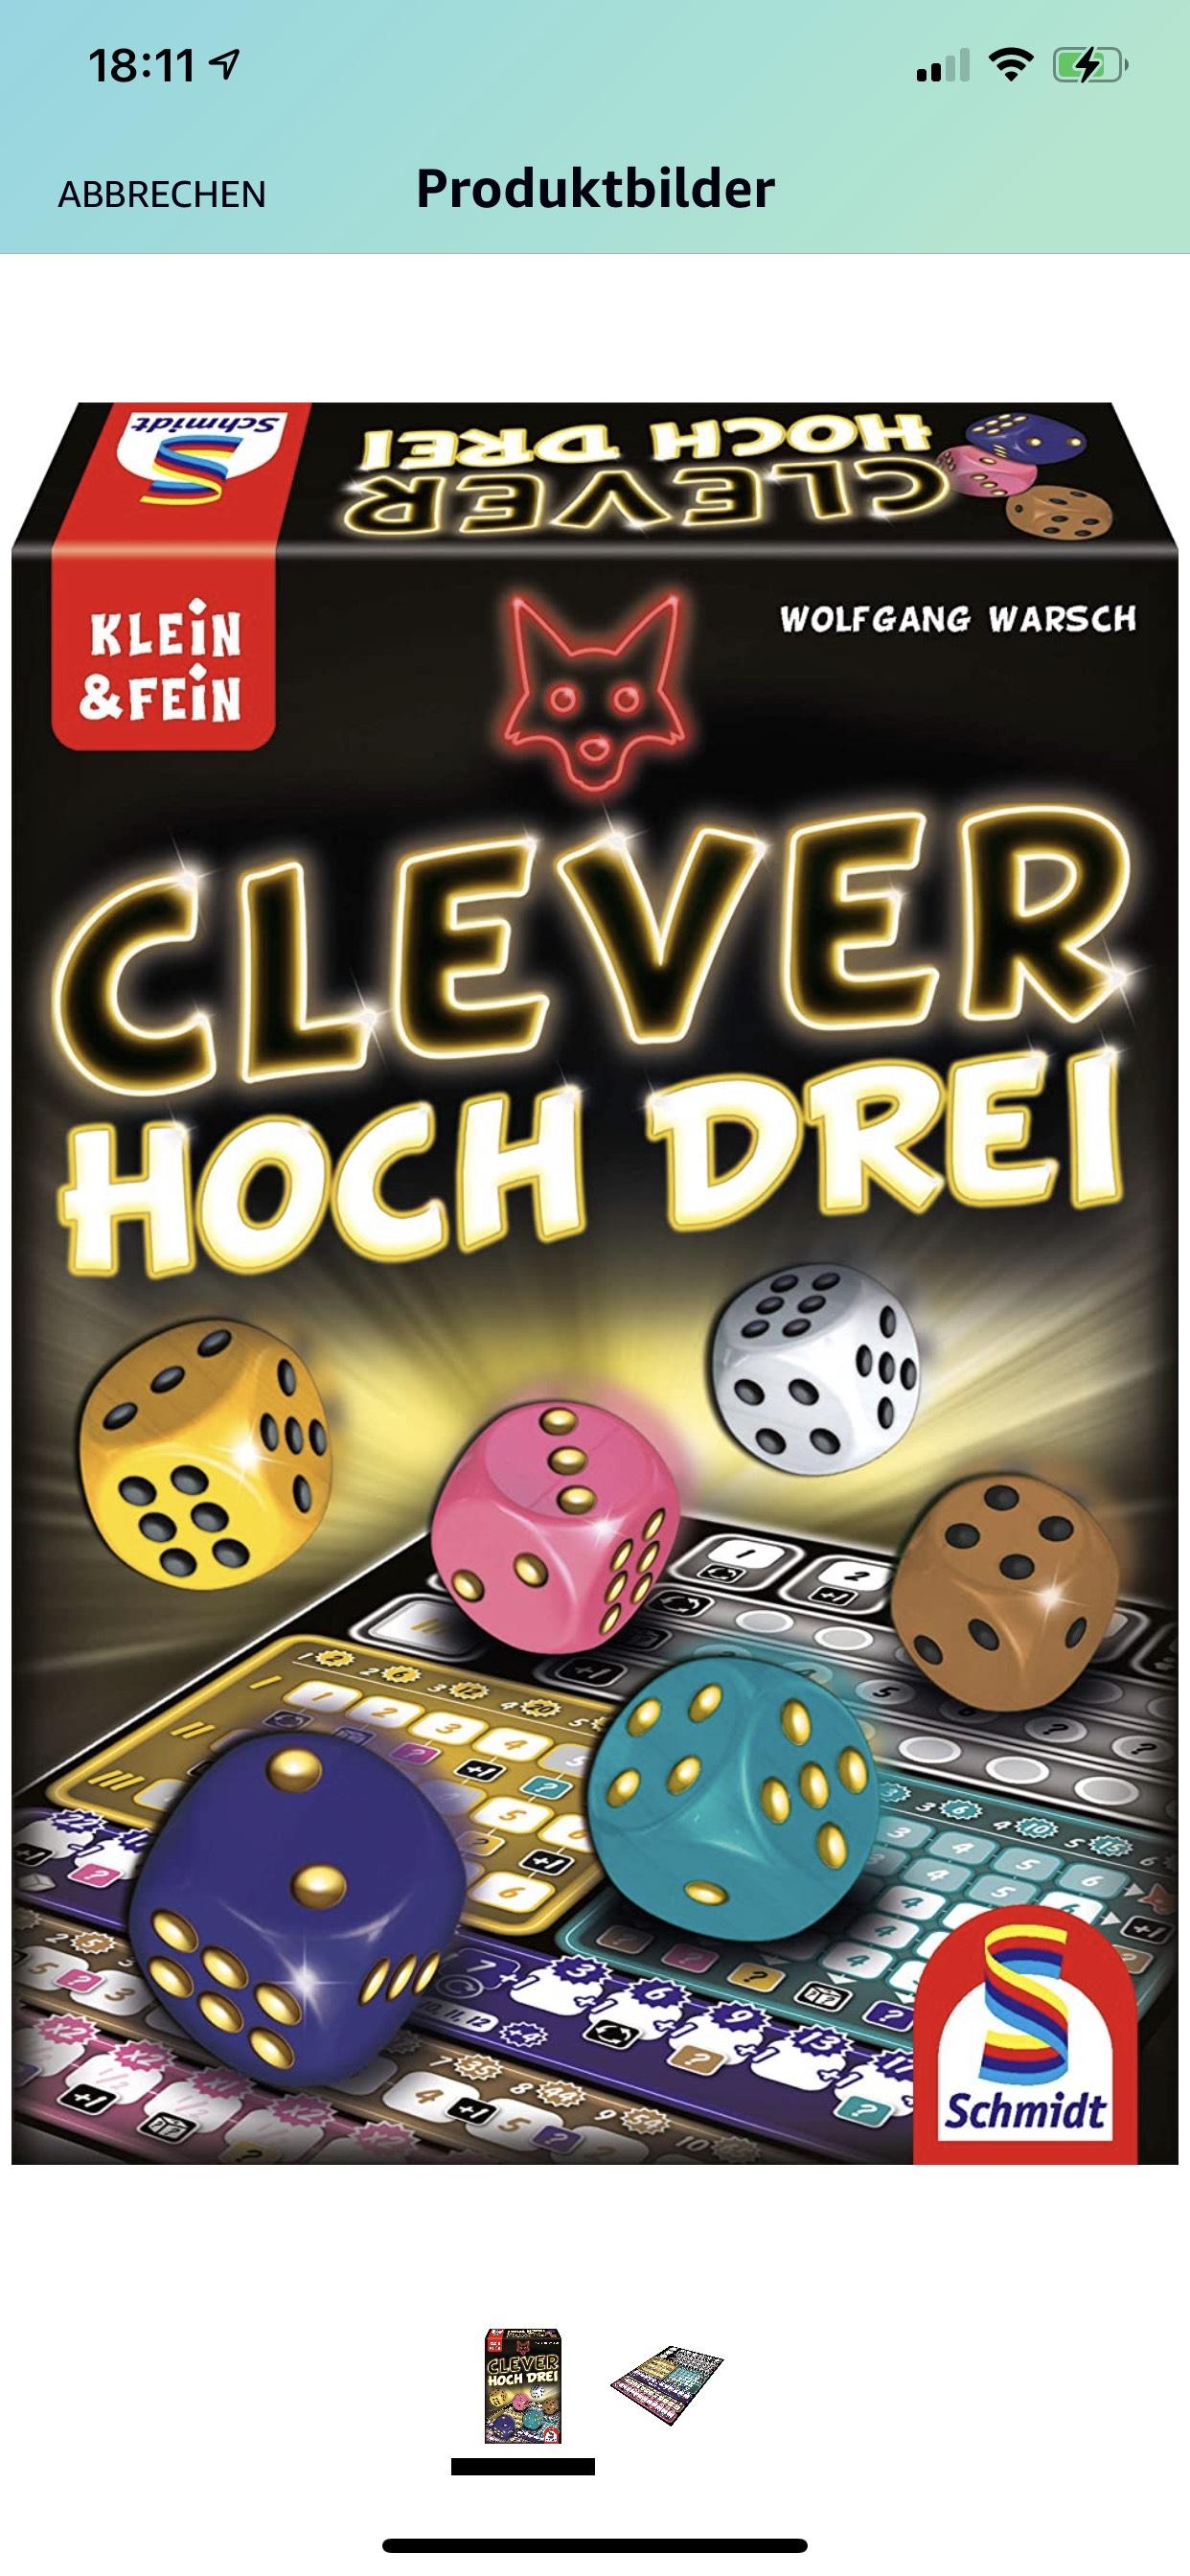 Clever hoch drei - Schmidt Spiele